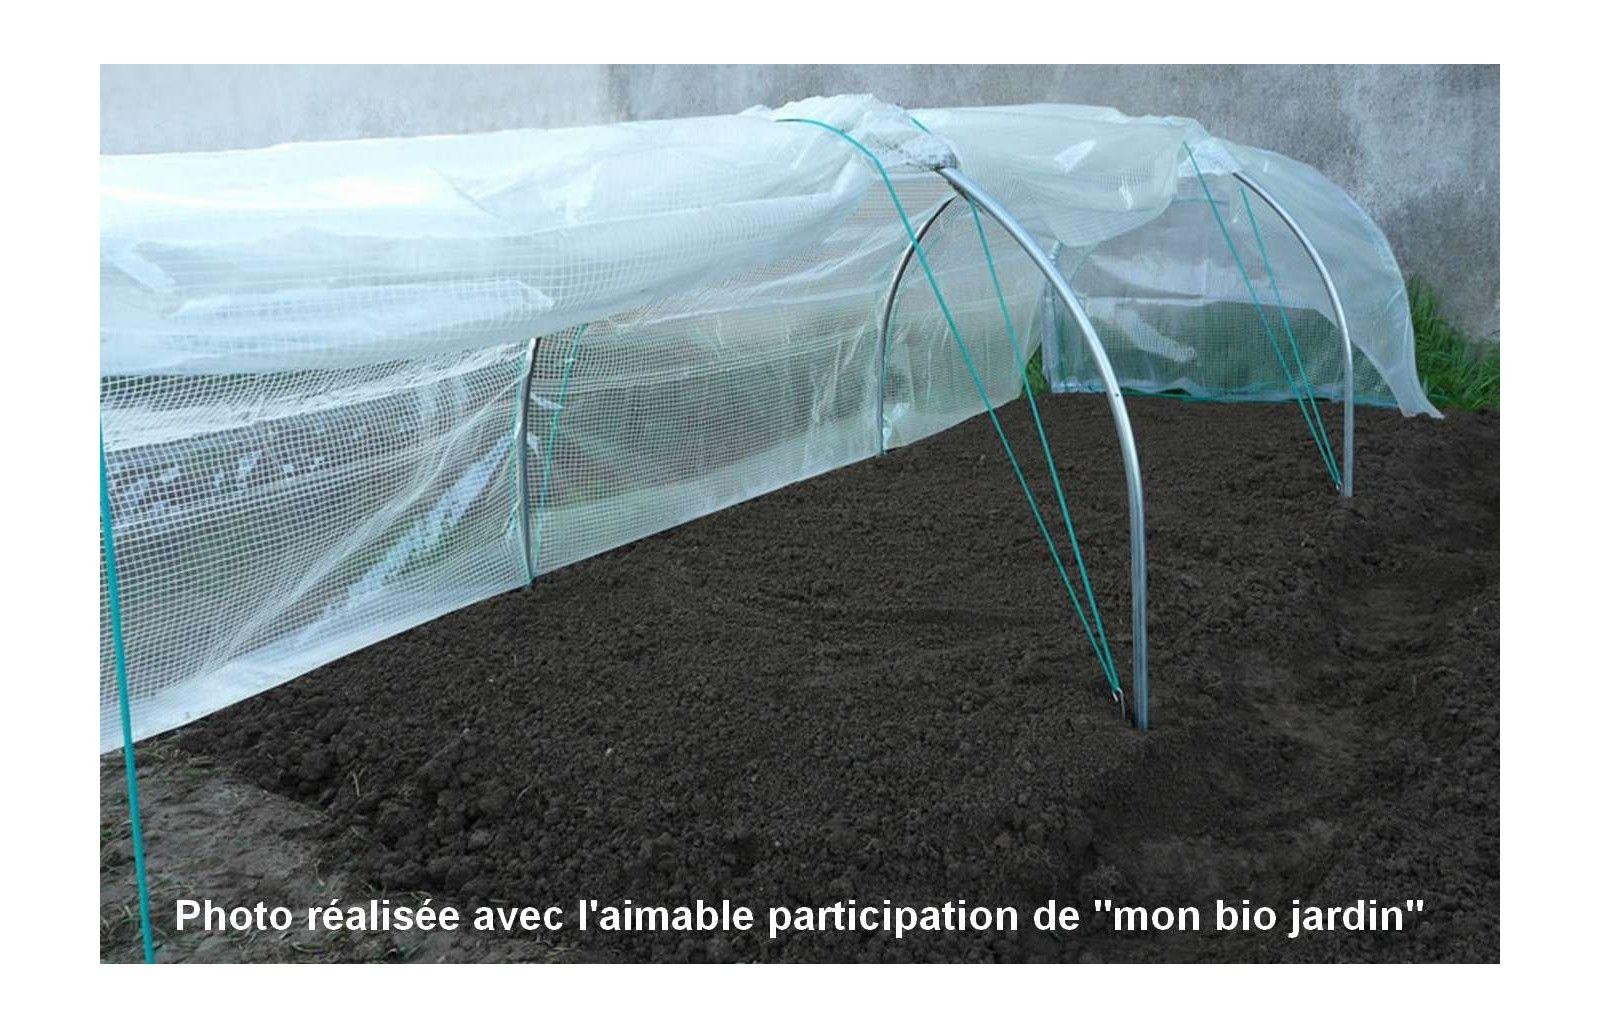 Serre chenille 1m30 x 5m00 serres tonneau - Film plastique anti uv pour serre de jardin ...